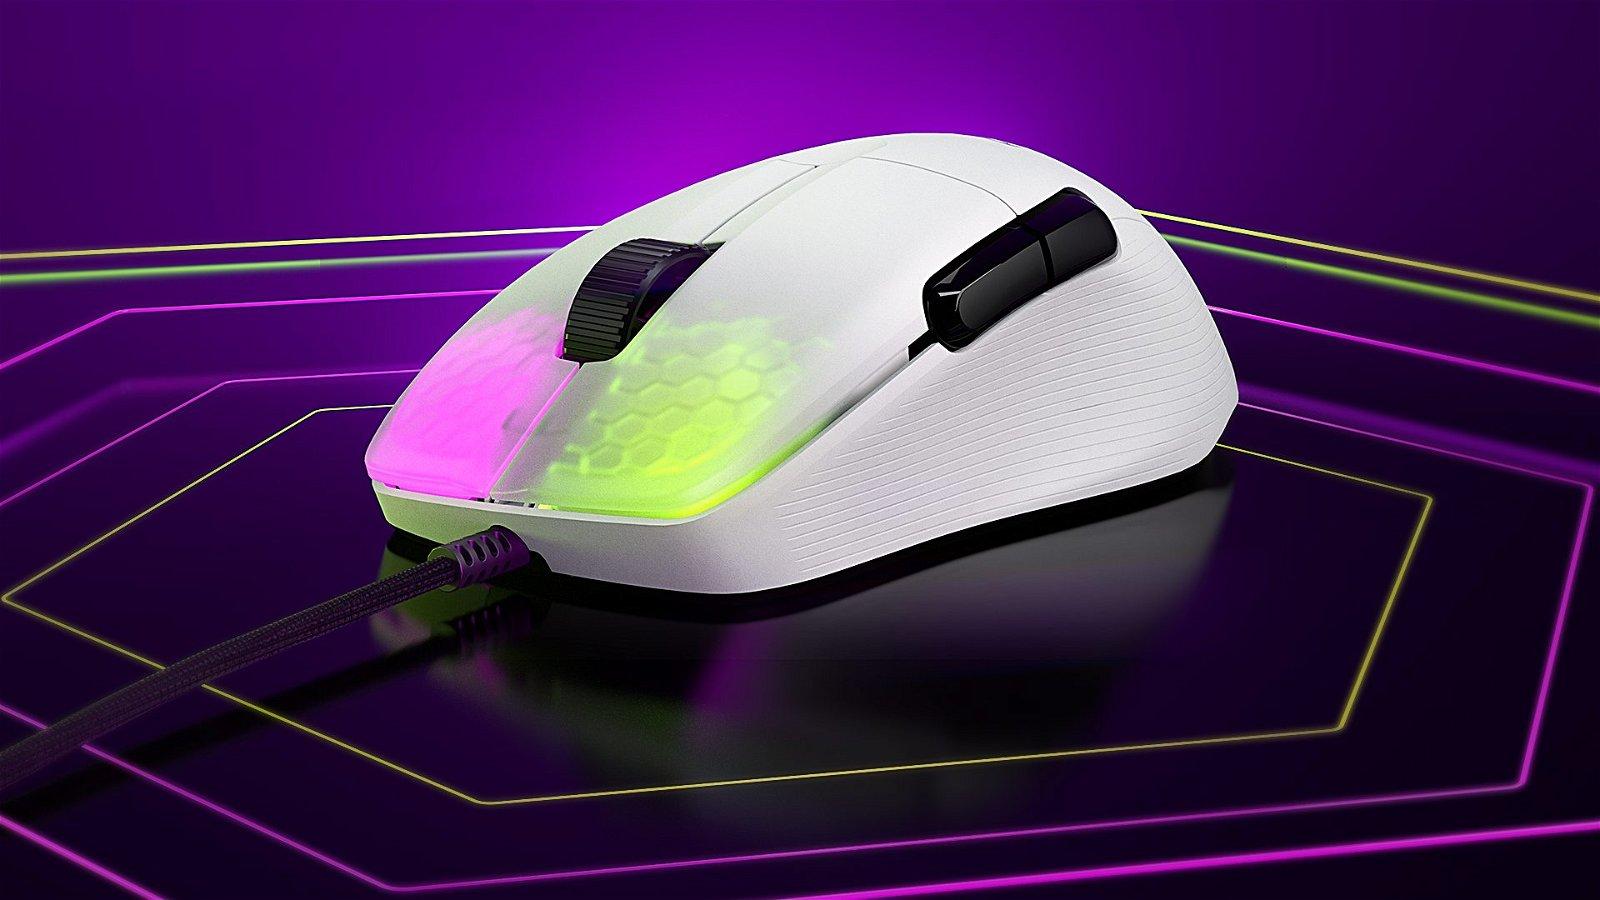 Turtle Beach Announces Roccat Kone Pro PC Gaming Mouse